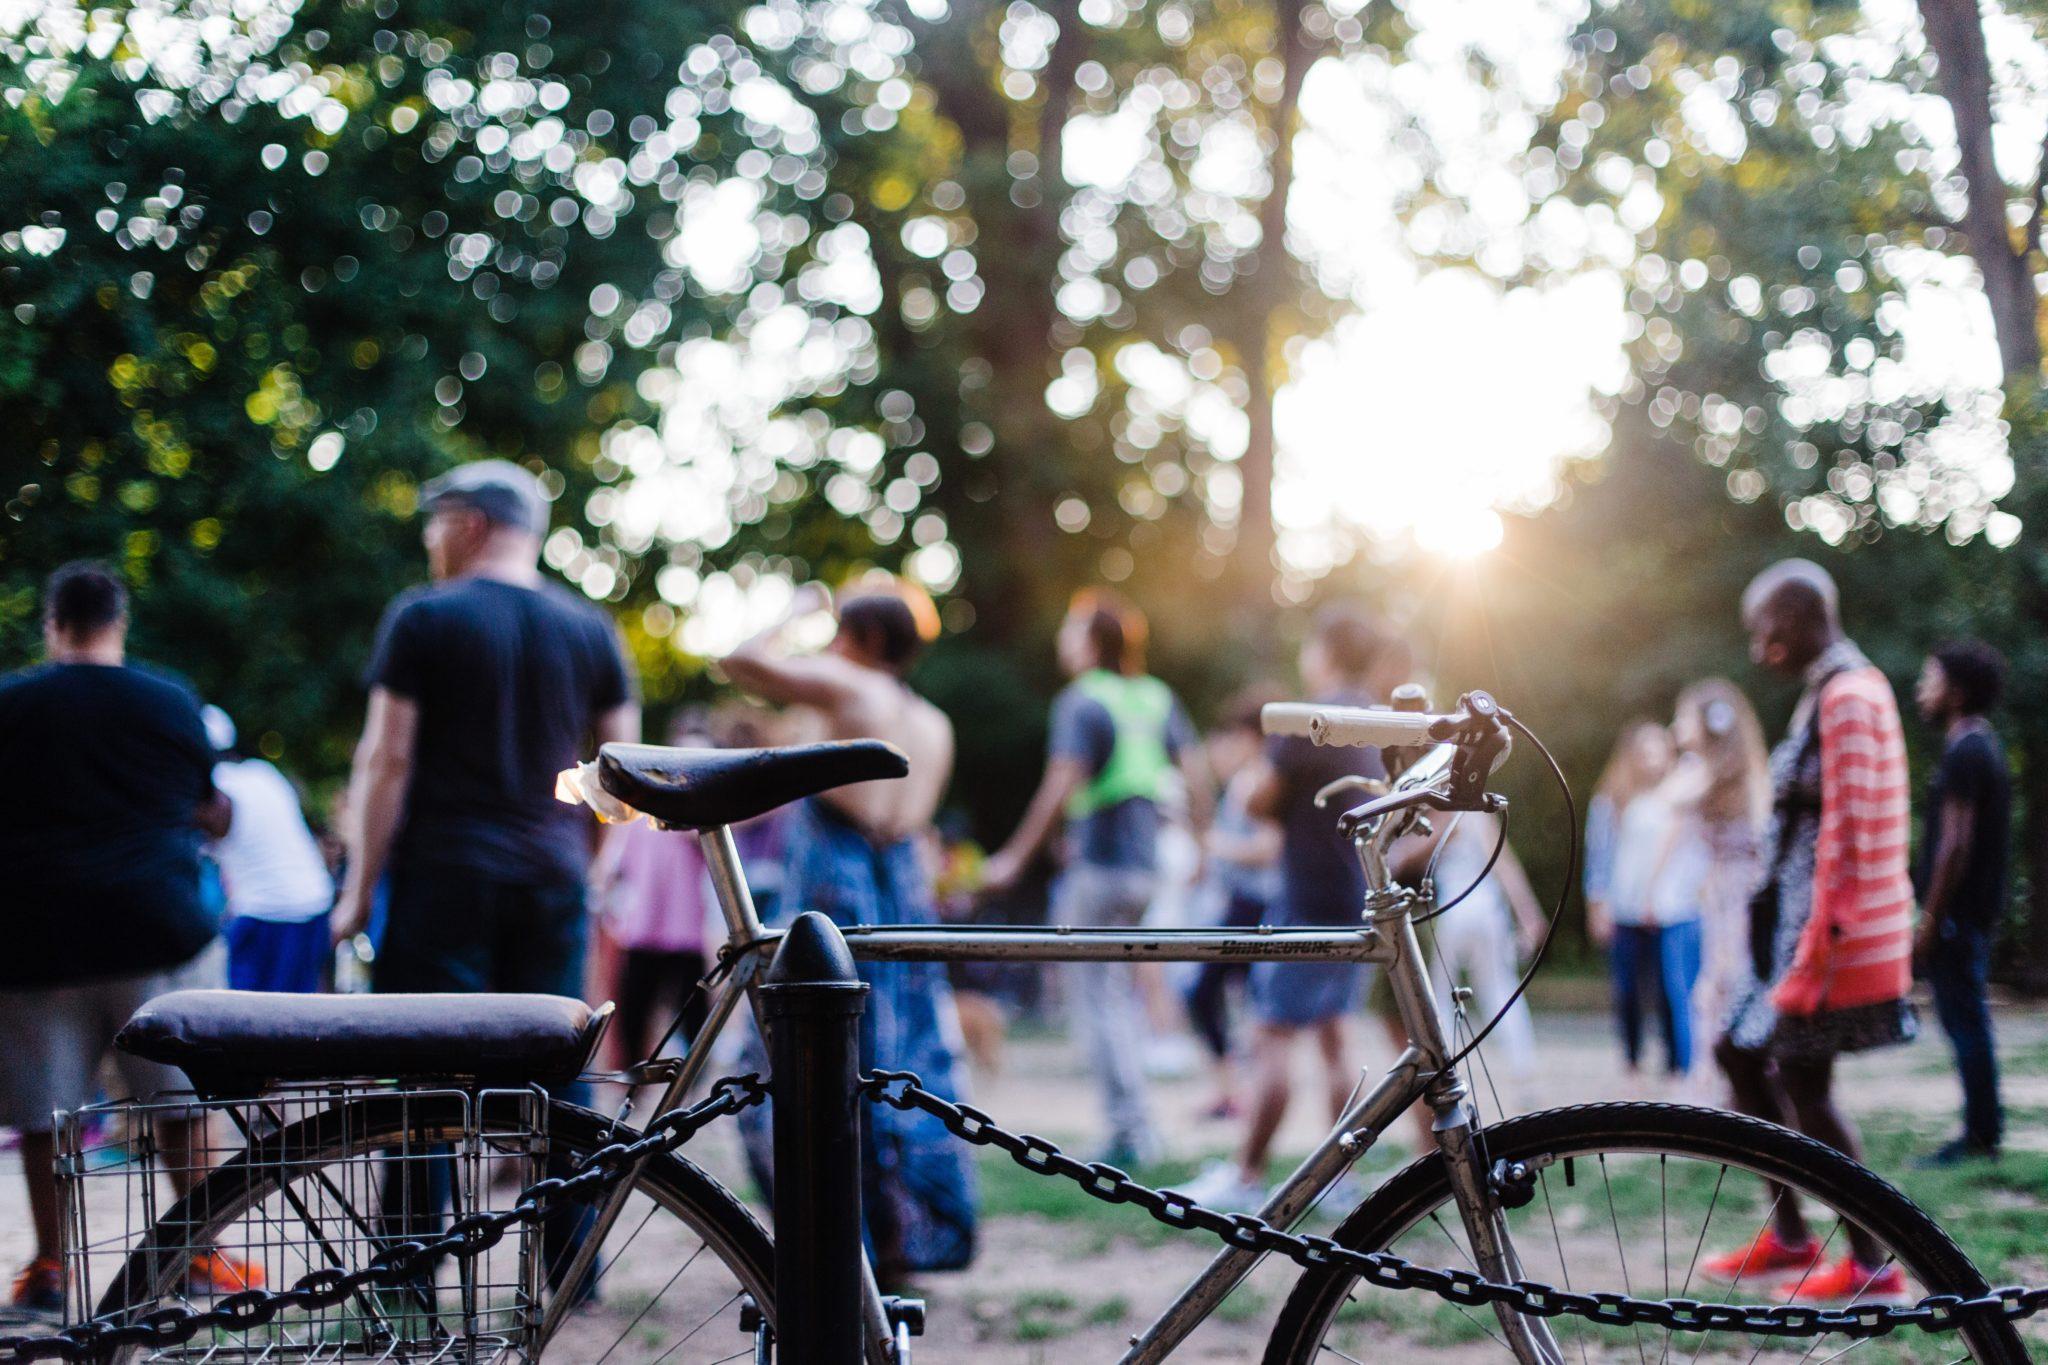 En cykel står mot räcke med folk i bakgrunden